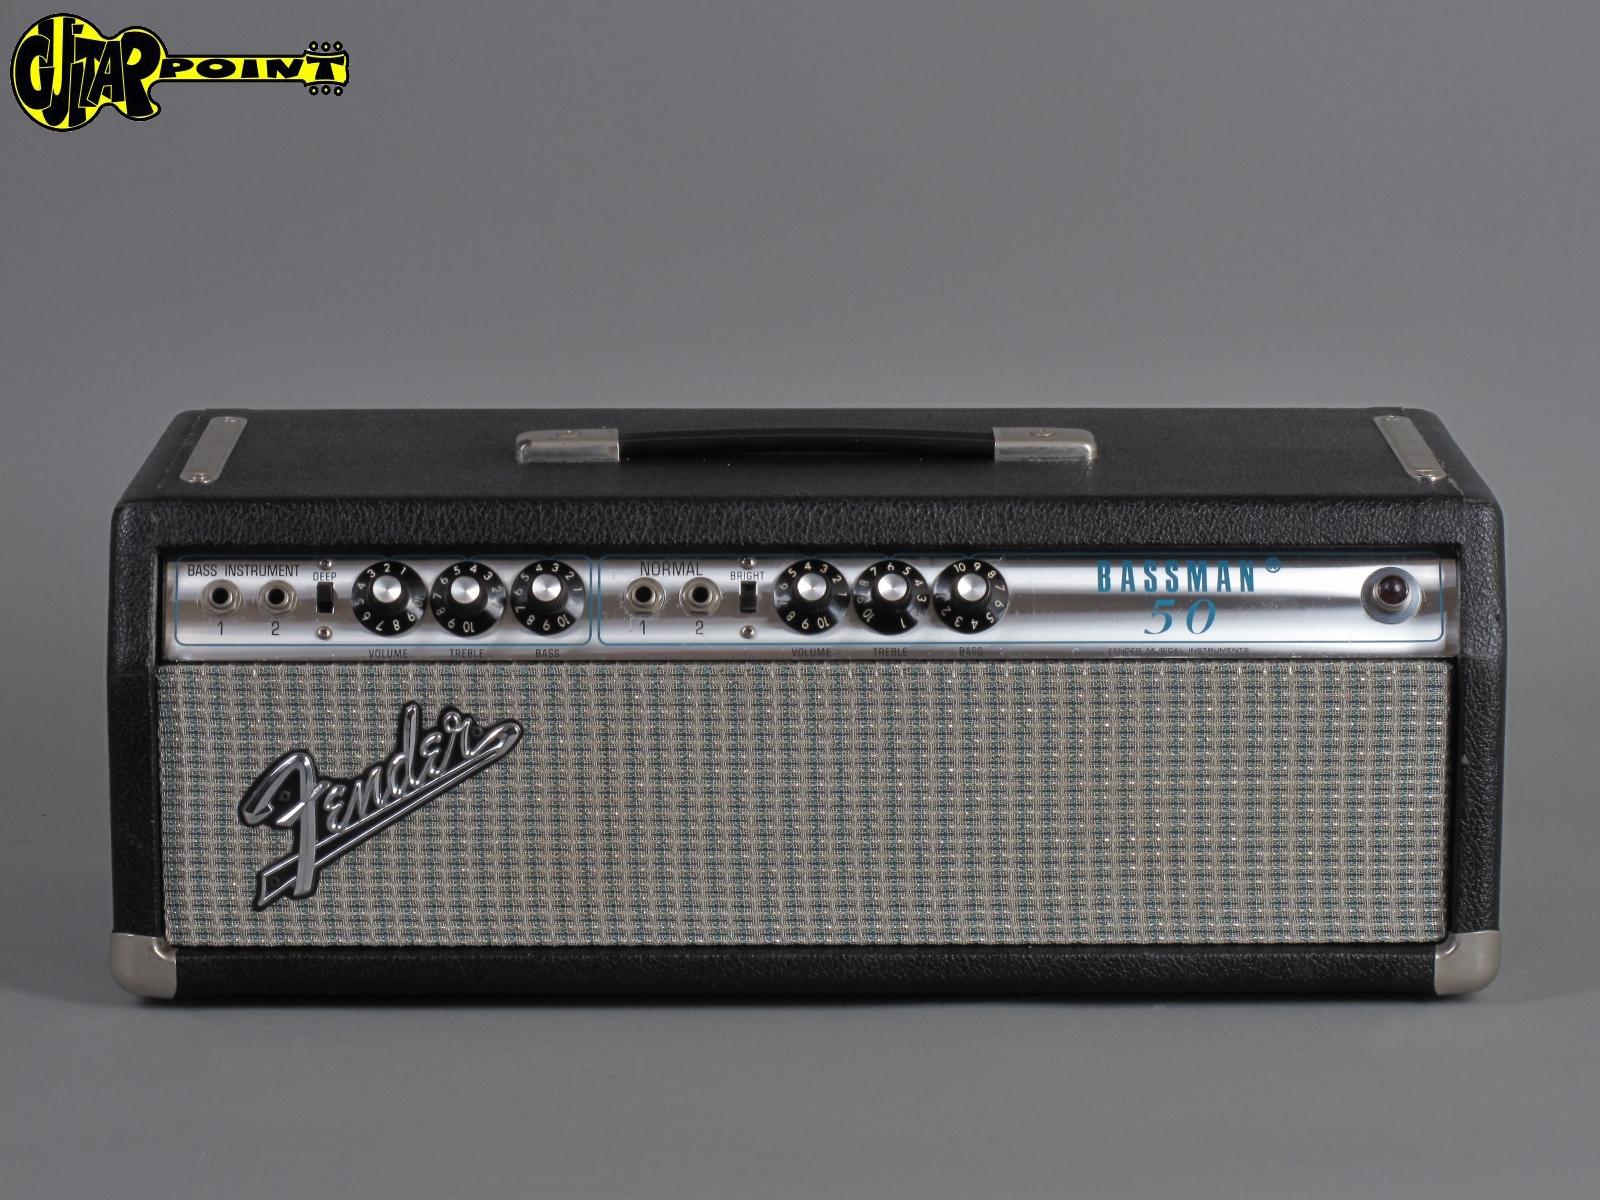 1972 Fender Bassman - 50Watt  Export version !